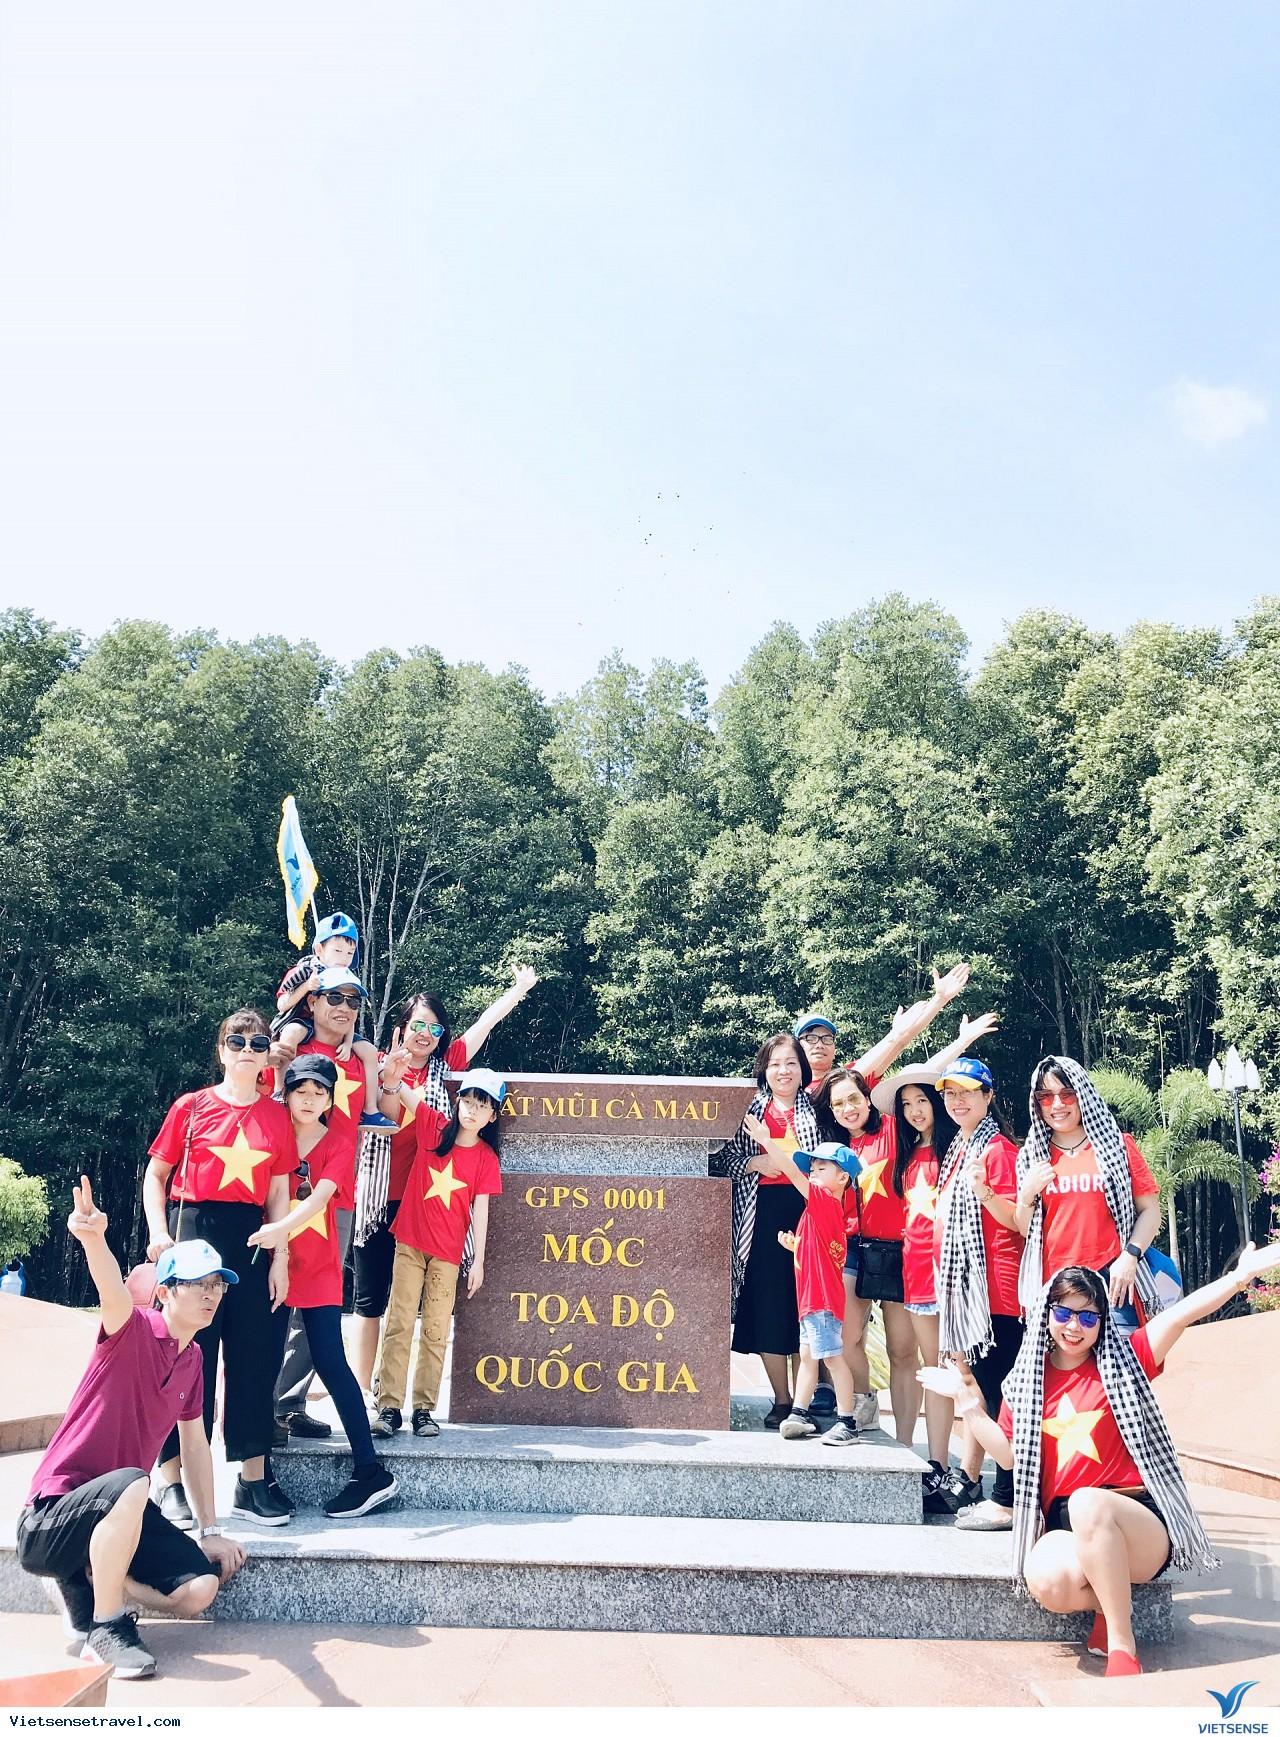 Tour du lịch Hà Nội - Miền Tây 4 ngày 3 đêm: Cần Thơ - Sóc Trăng - Bạc Liêu - Cà Mau - Châu Đốc - Ảnh 5